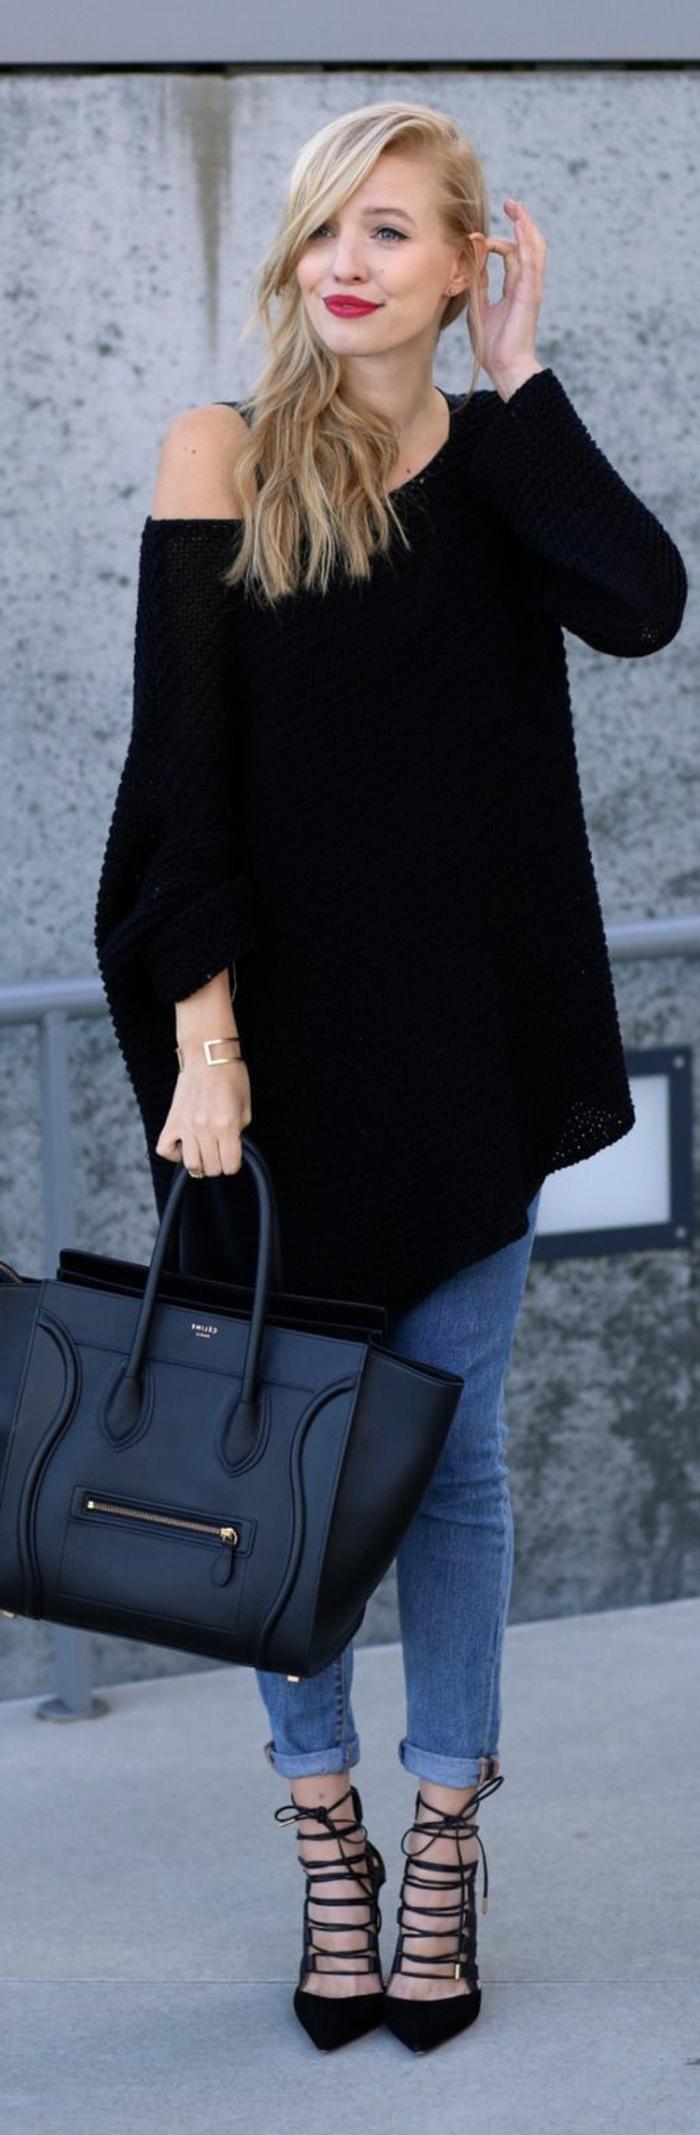 maxi-Pullover-Jeans-stilvolle-Tasche-Gladiator-Schuhe